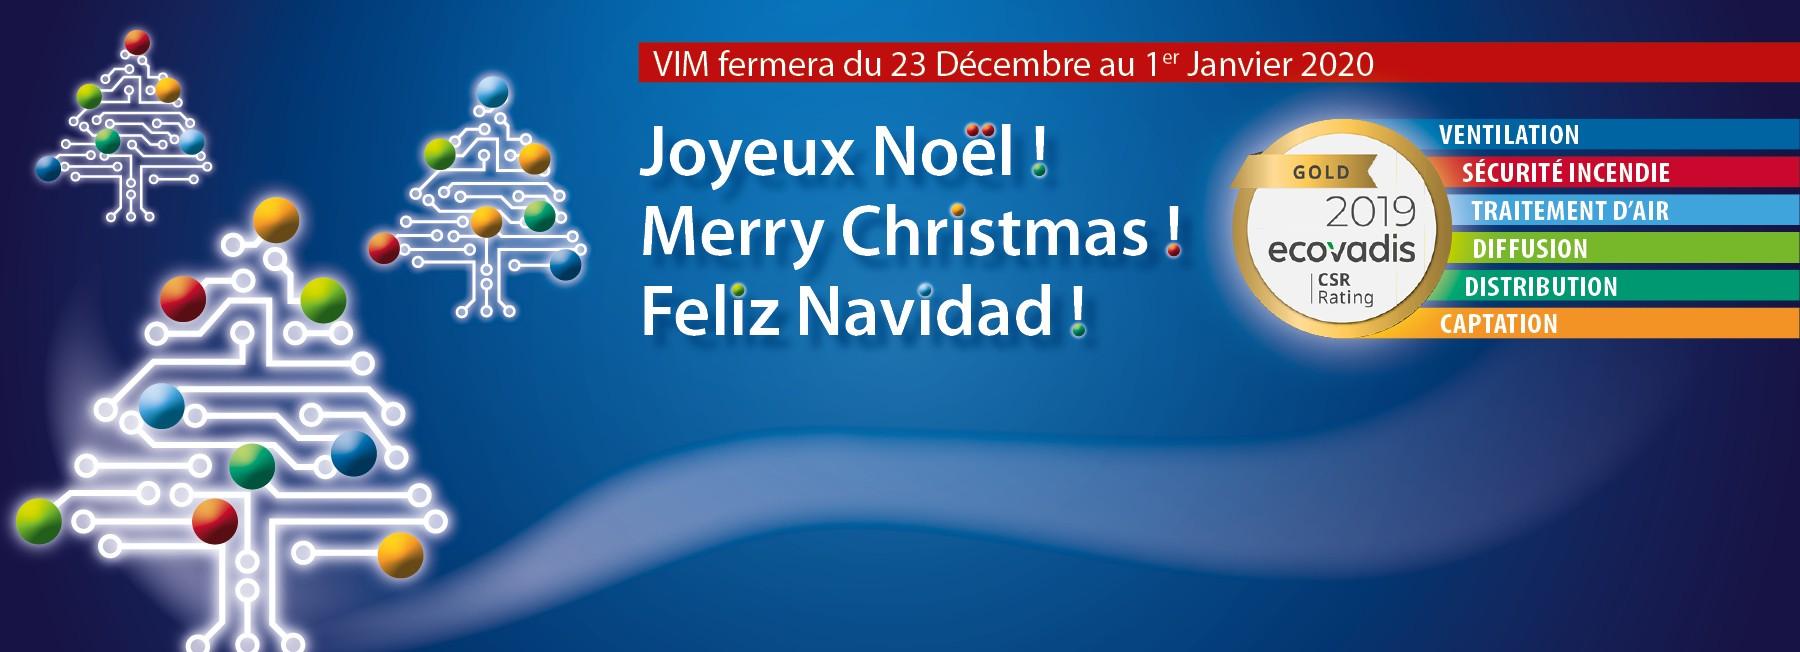 Joyeuses fêtes - Merry Christmas - Feliz Navidad